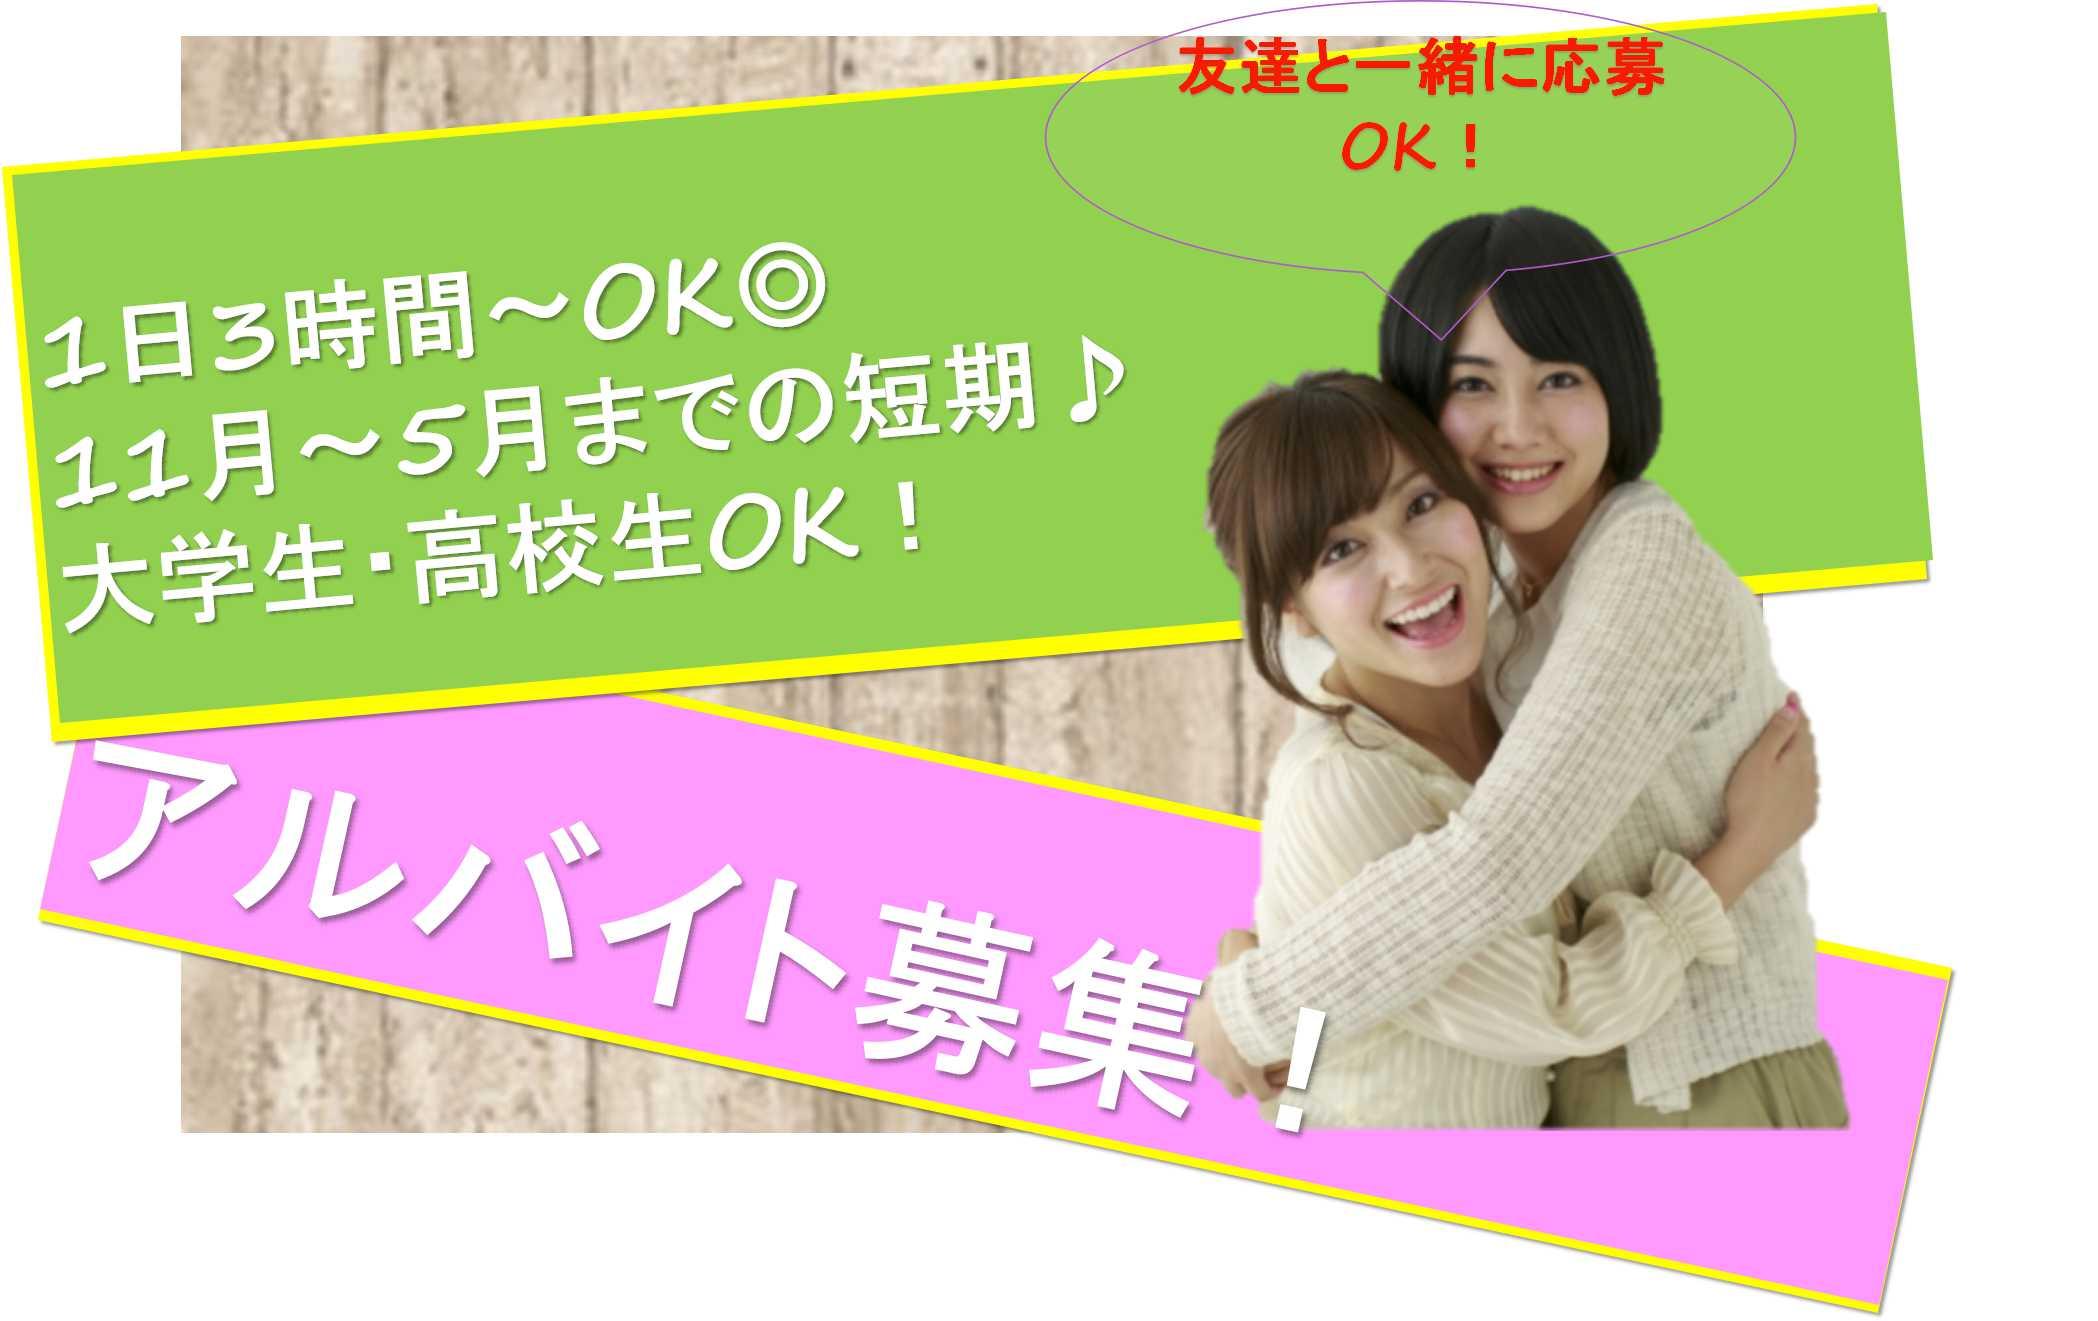 【短期】1日3時間からOK♪友達と一緒に応募OK!ピッキング・軽作業【即面談可能】 イメージ